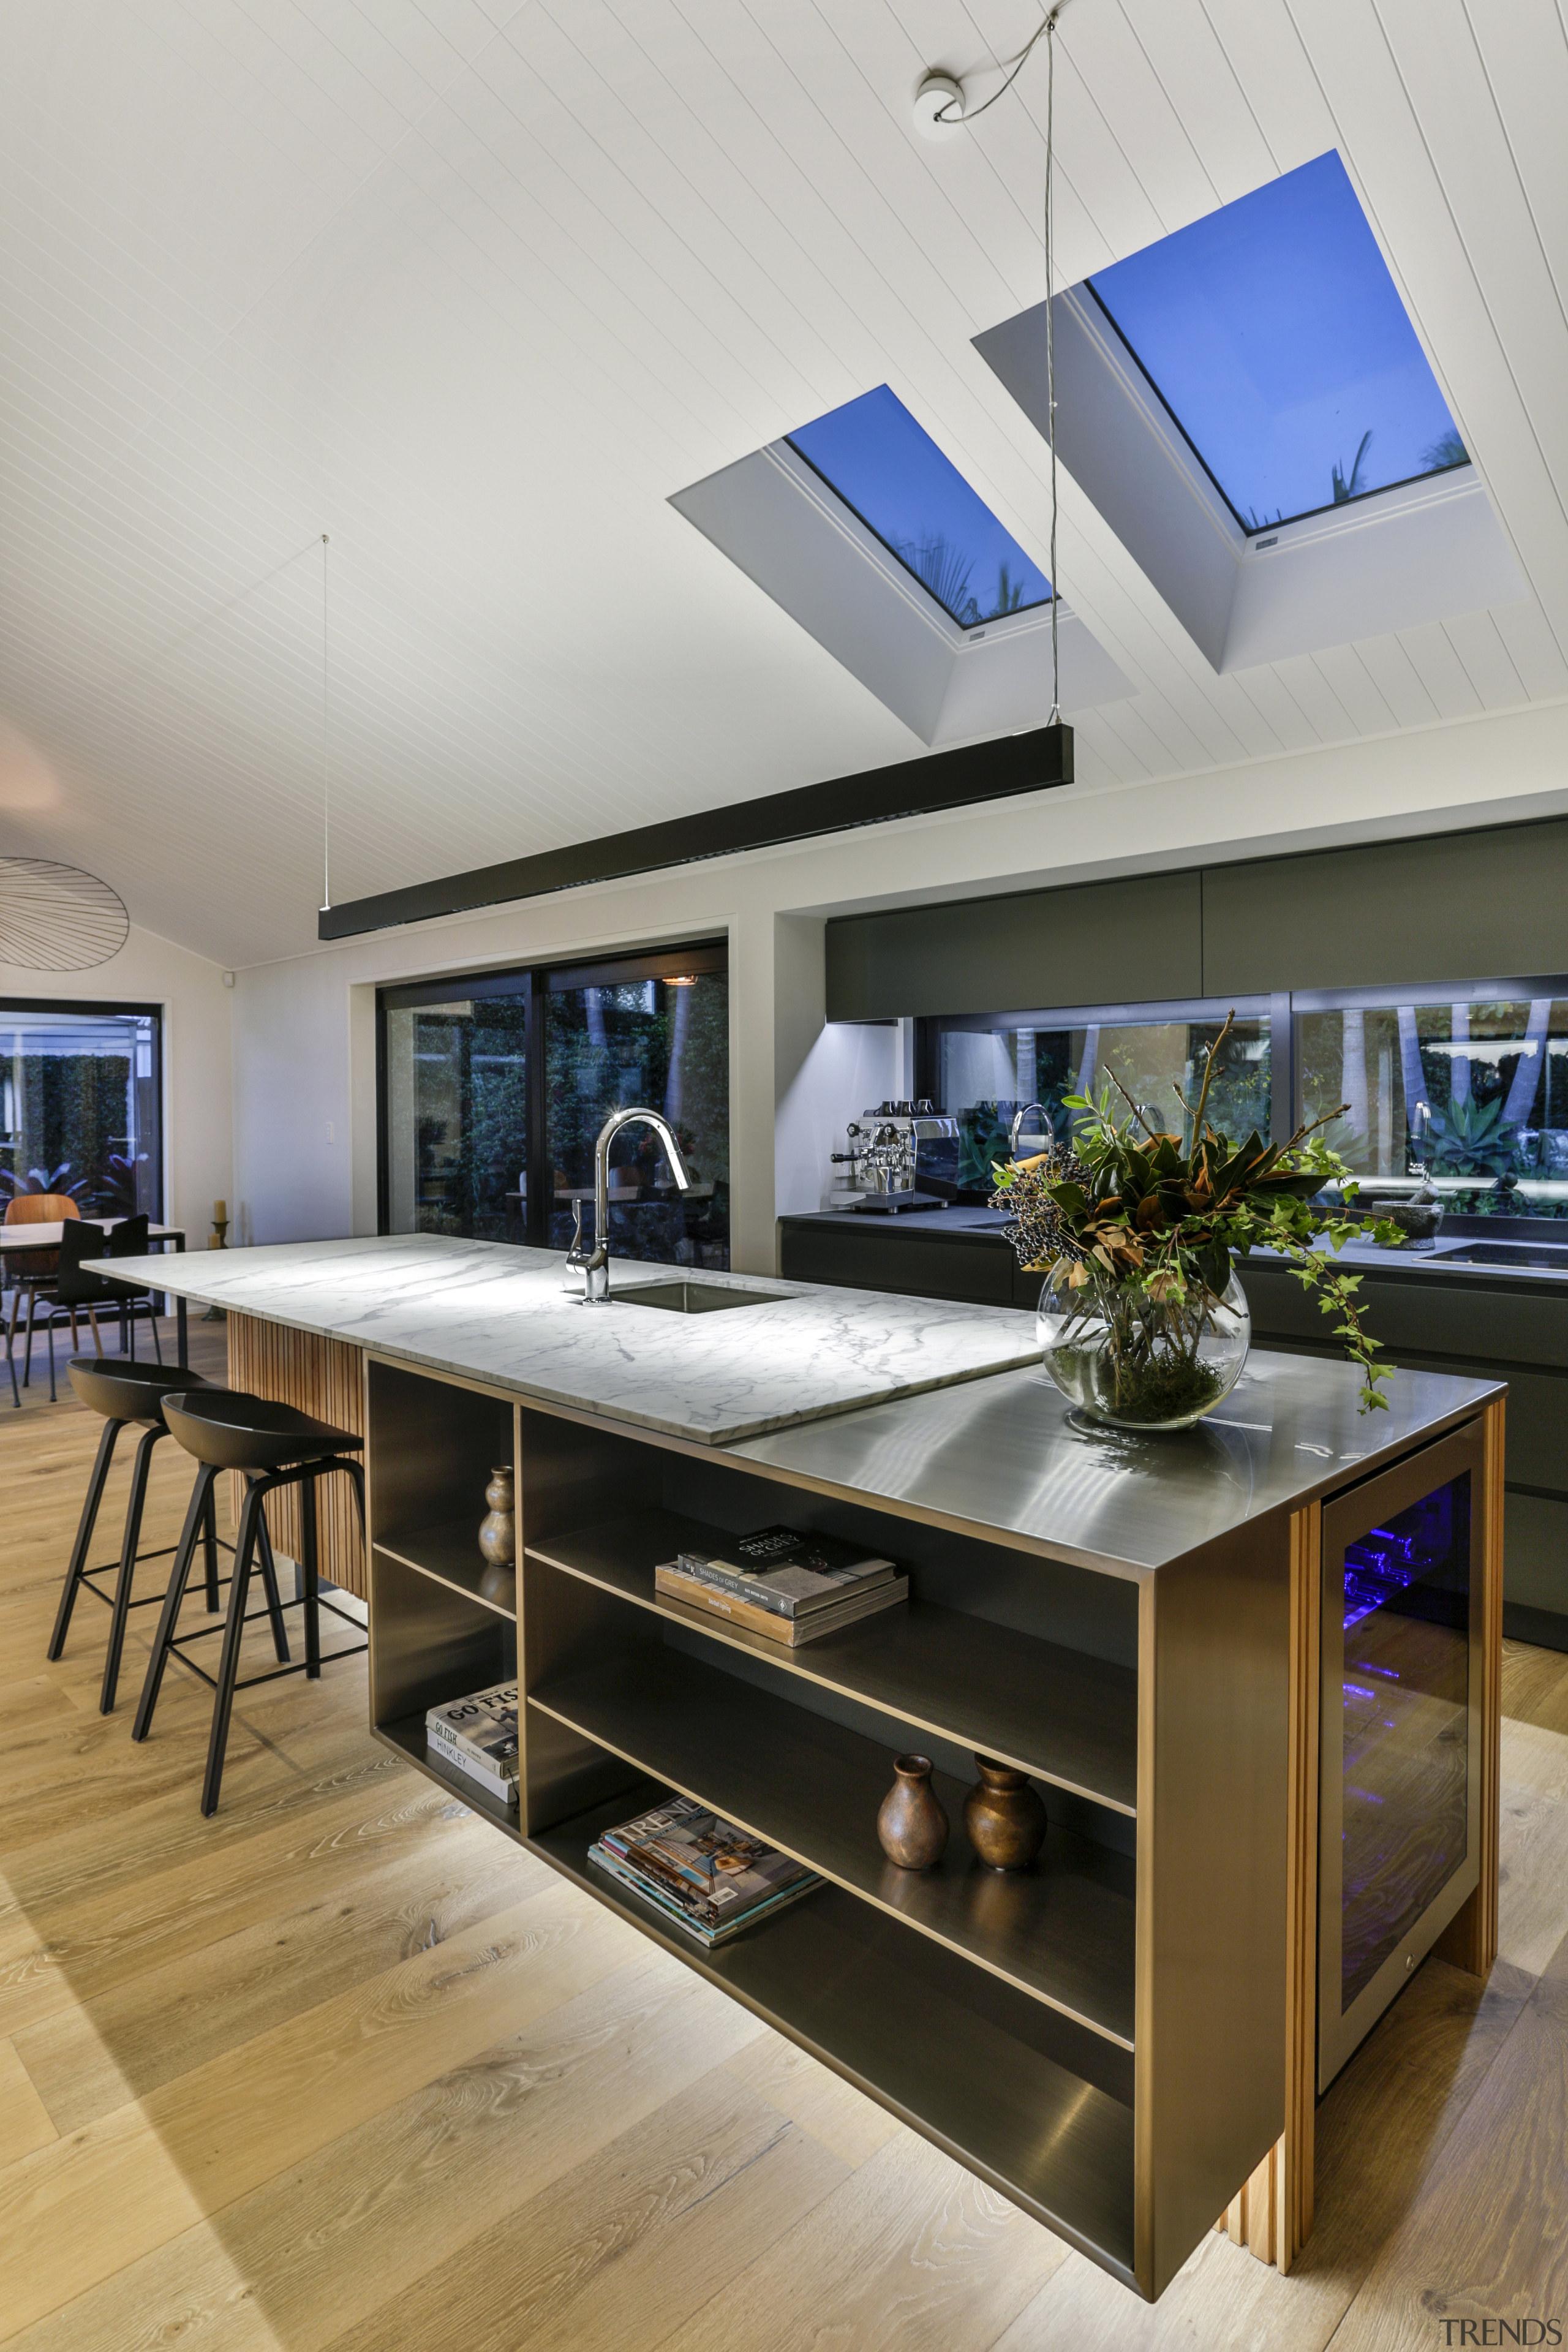 Half Moon Bay - architecture | countertop | architecture, countertop, interior design, kitchen, table, gray